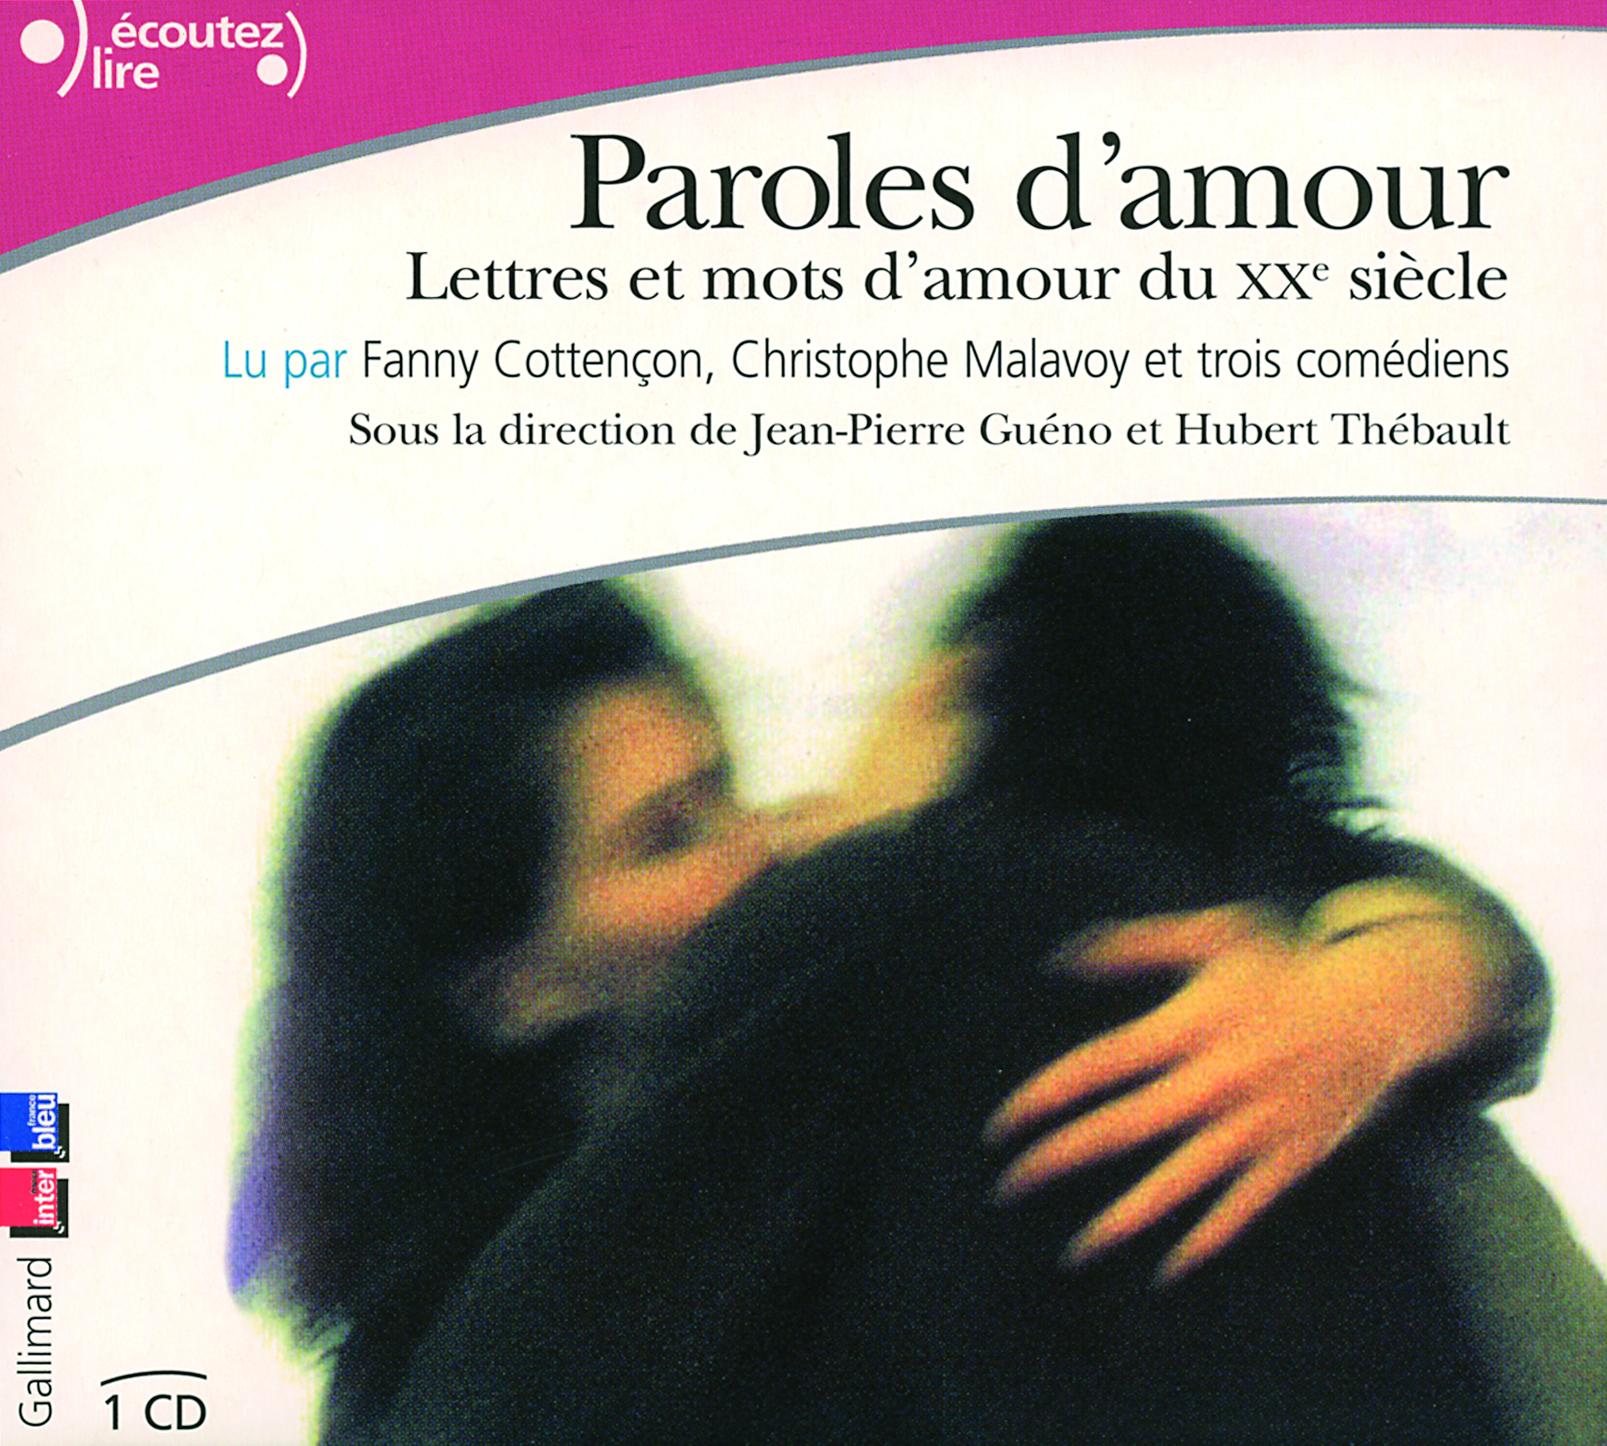 PAROLES D'AMOUR - LETTRES ET MOTS D'AMOUR DU XX&ESUP, SIECLE